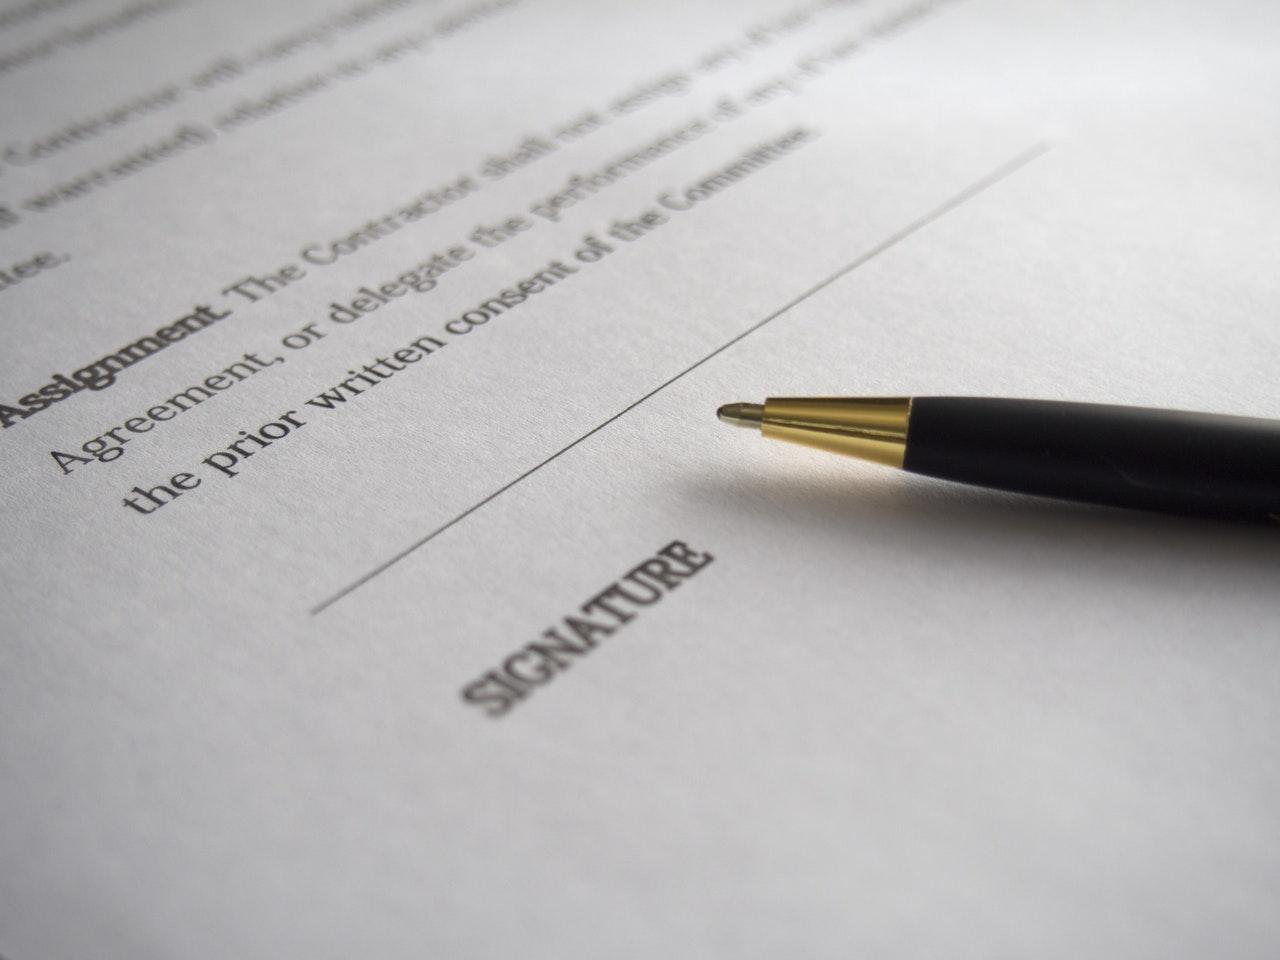 Documenti Per Ristrutturazione Bagno mutuo ristrutturazione: come funziona, requisiti, documenti